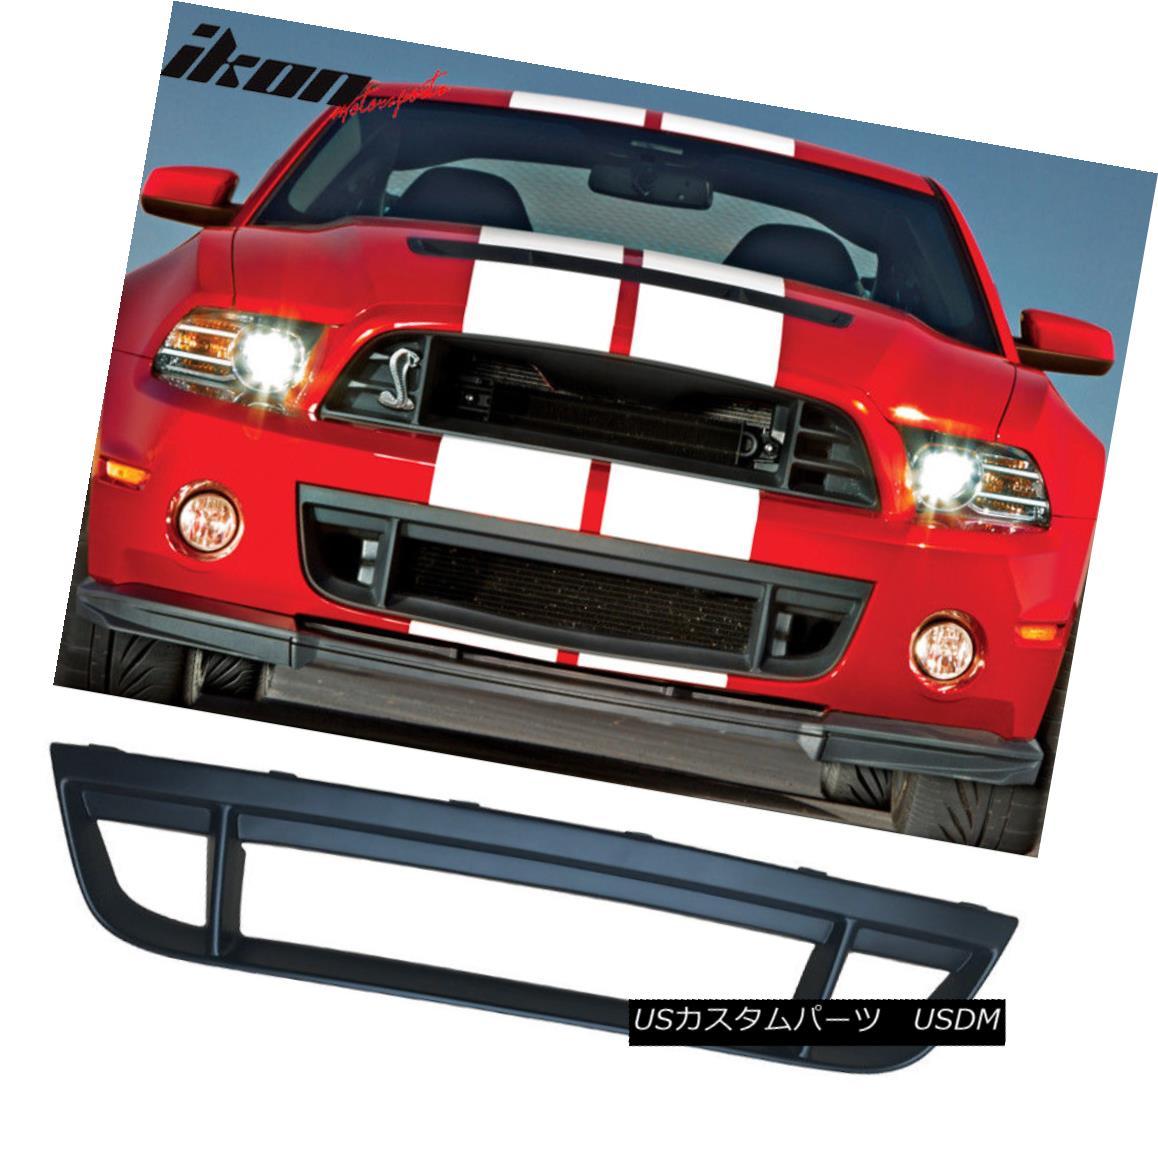 グリル Fits 13-14 Ford Mustang Shelby GT500 Front Bumper Bottom Grill Lower Grille - PP フィット13-14フォードマスタングシェルビーGT500フロントバンパーボトムグリルロワーグリル - PP